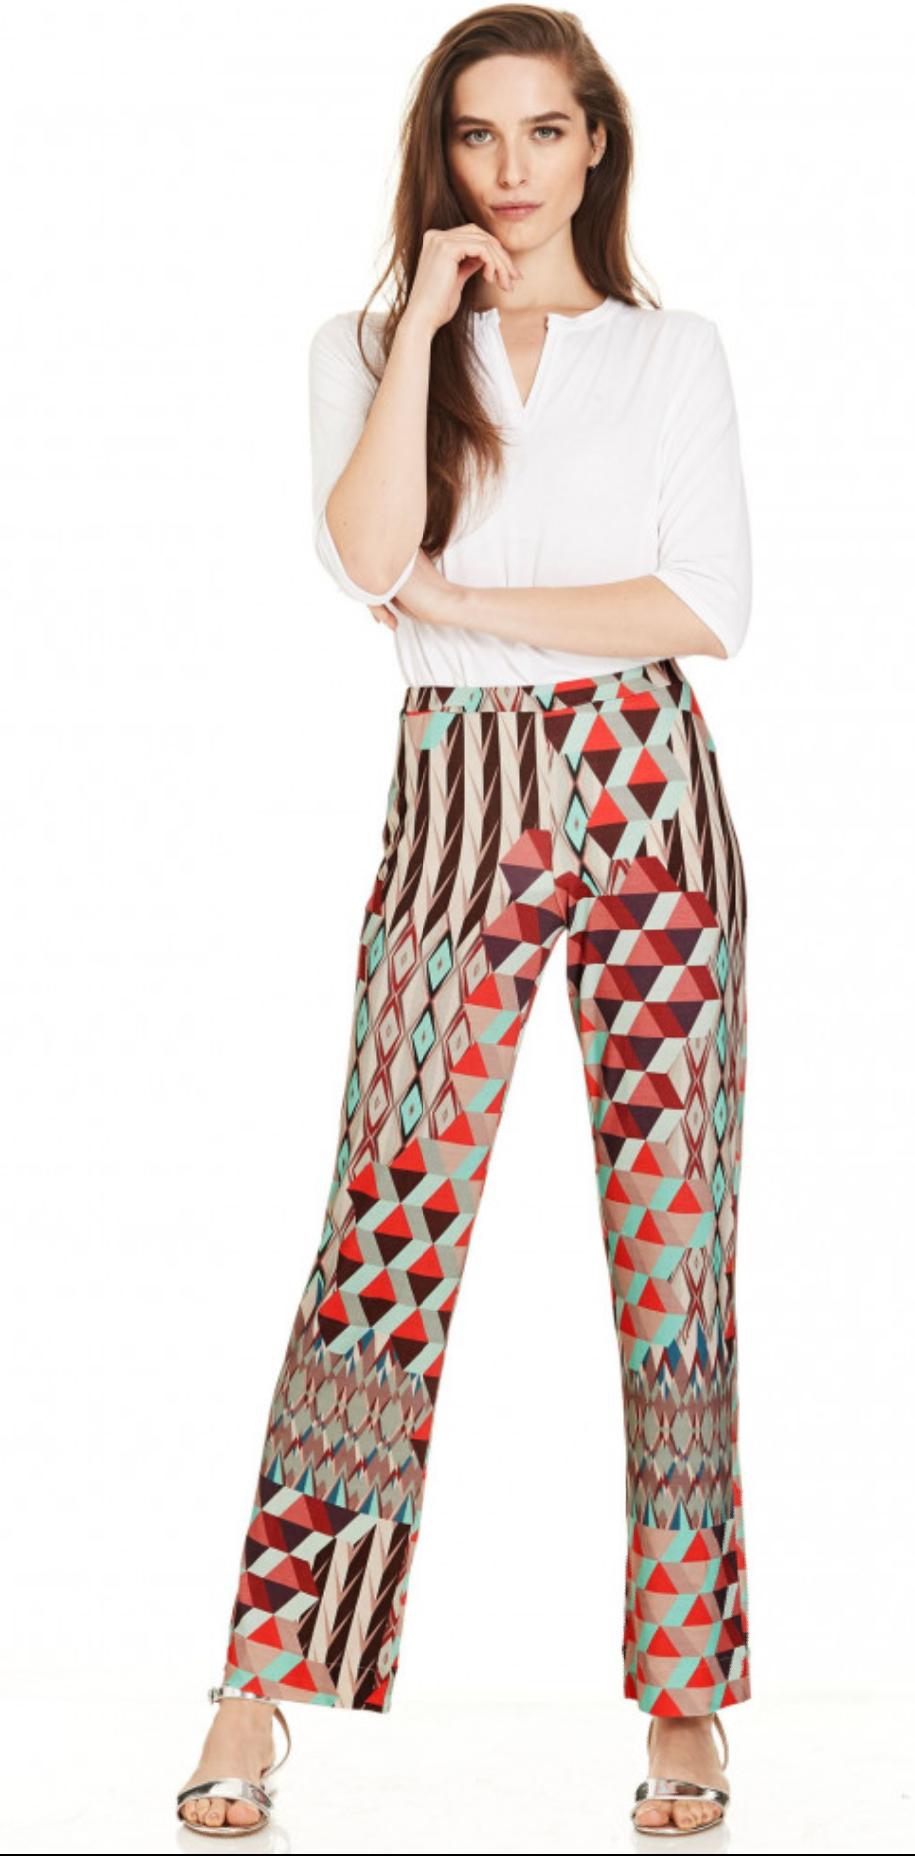 finest selection 6eb44 60a58 Pantaloni Ragno Abbigliamento – Festa Mario